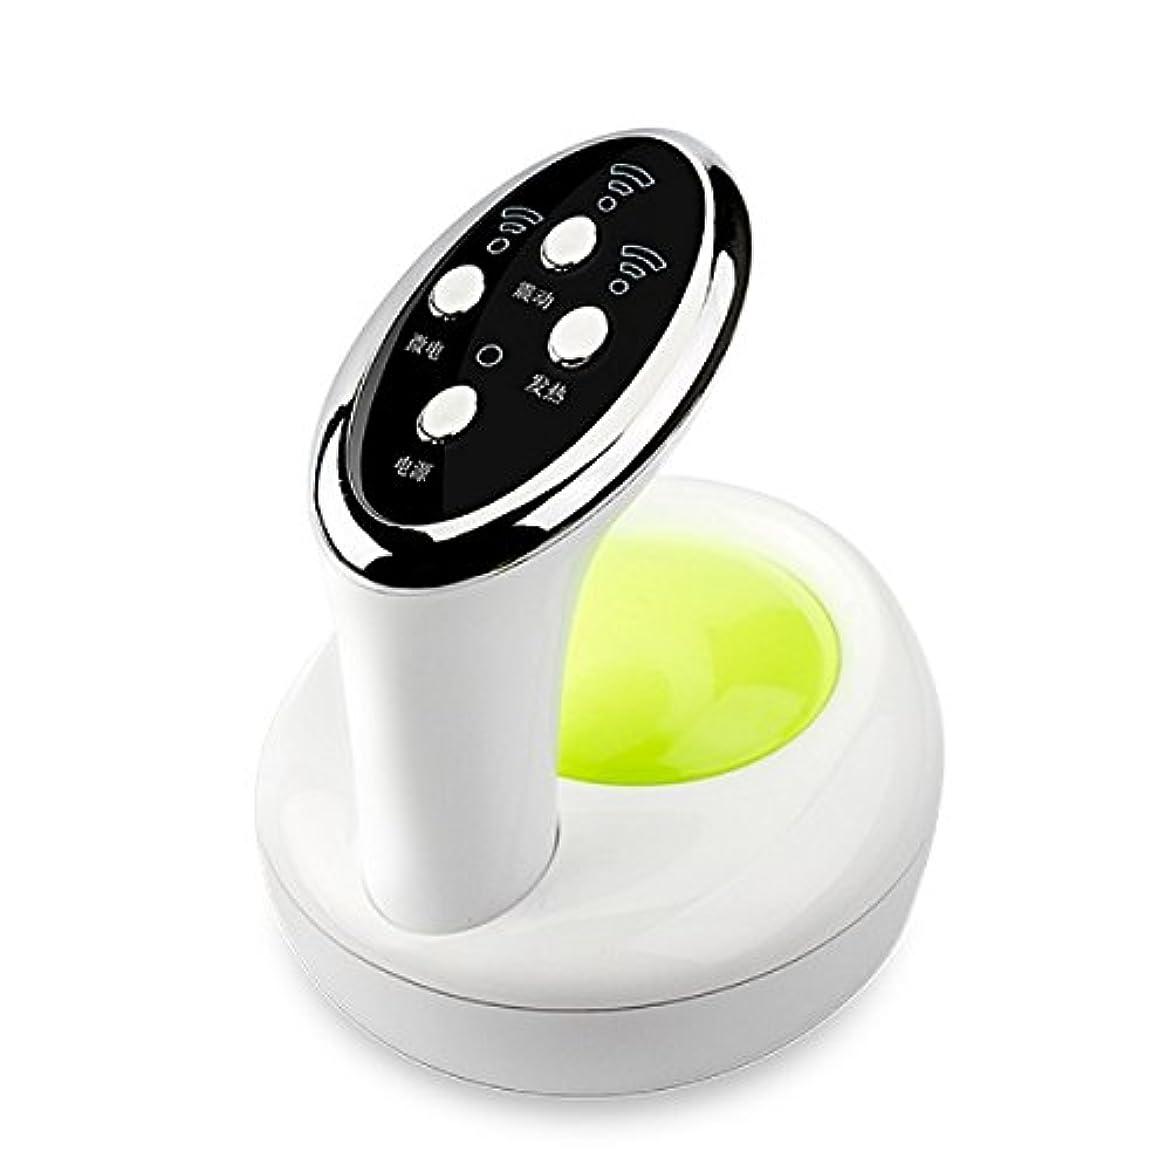 位置する空の虐待ダイエット神器 セルライト ケア ボディ用超音波電動3D美容ヘッド 吸い玉ヘッド 脂肪吸引 ダイエット シェイプアップ シェイプ 自宅 美容神器 正規販売(グリ-ン)